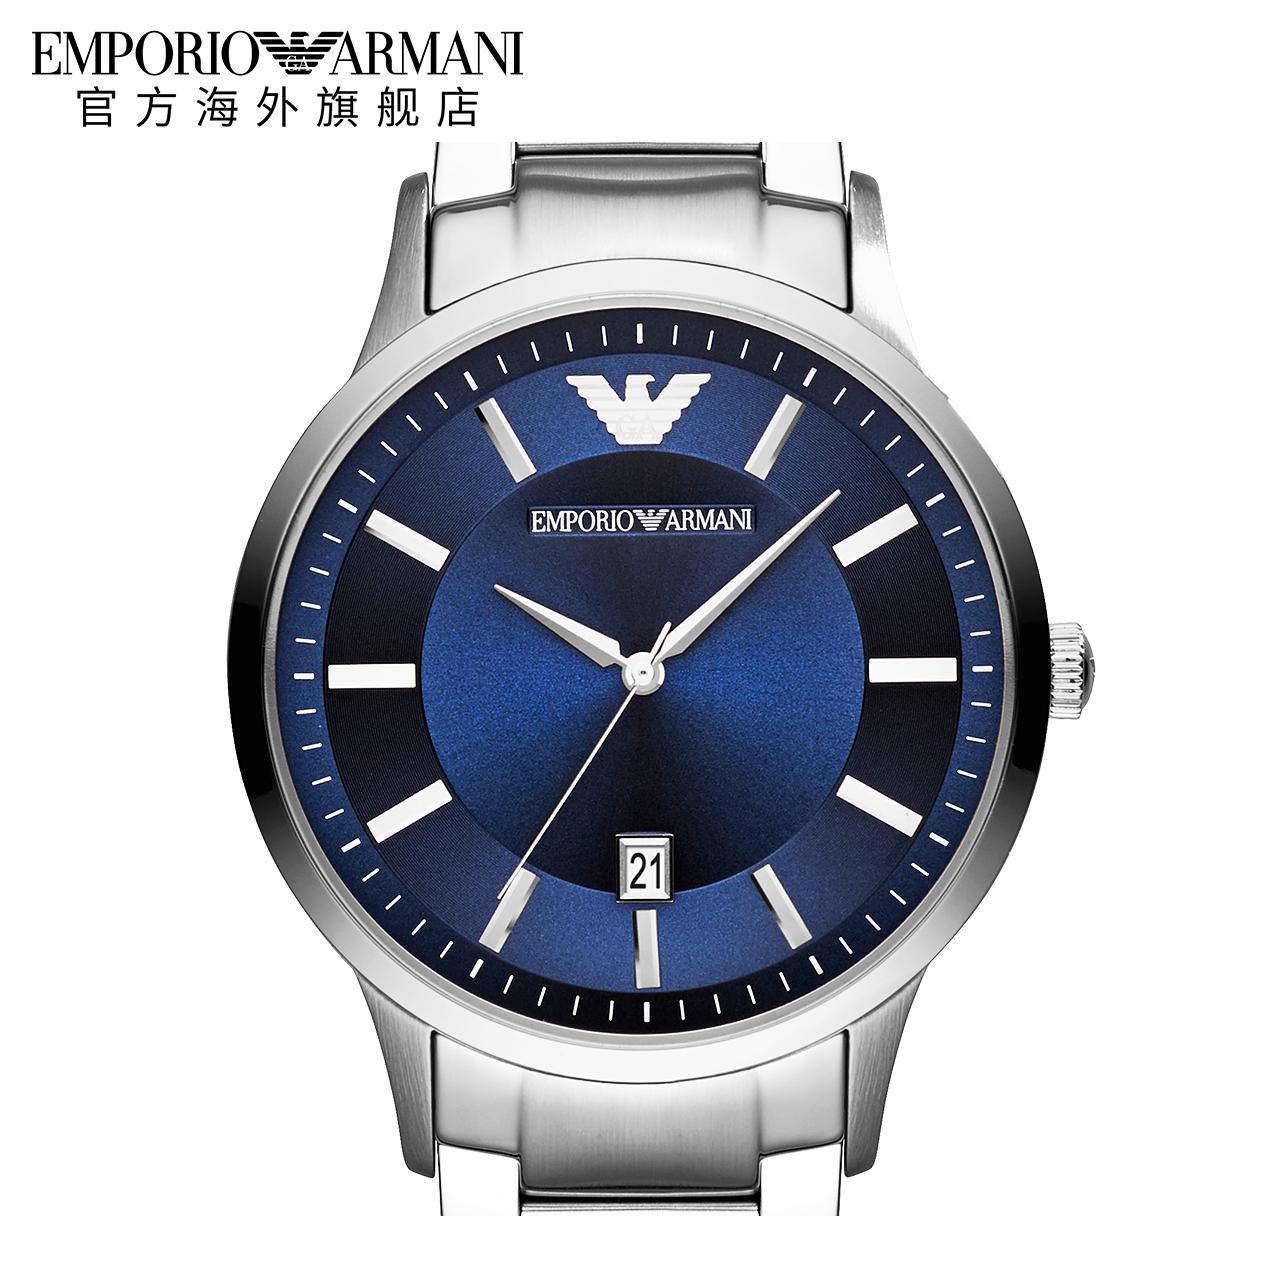 Emporio Armani 阿玛尼钢带商务石英表 湛蓝休闲男士手表AR2477